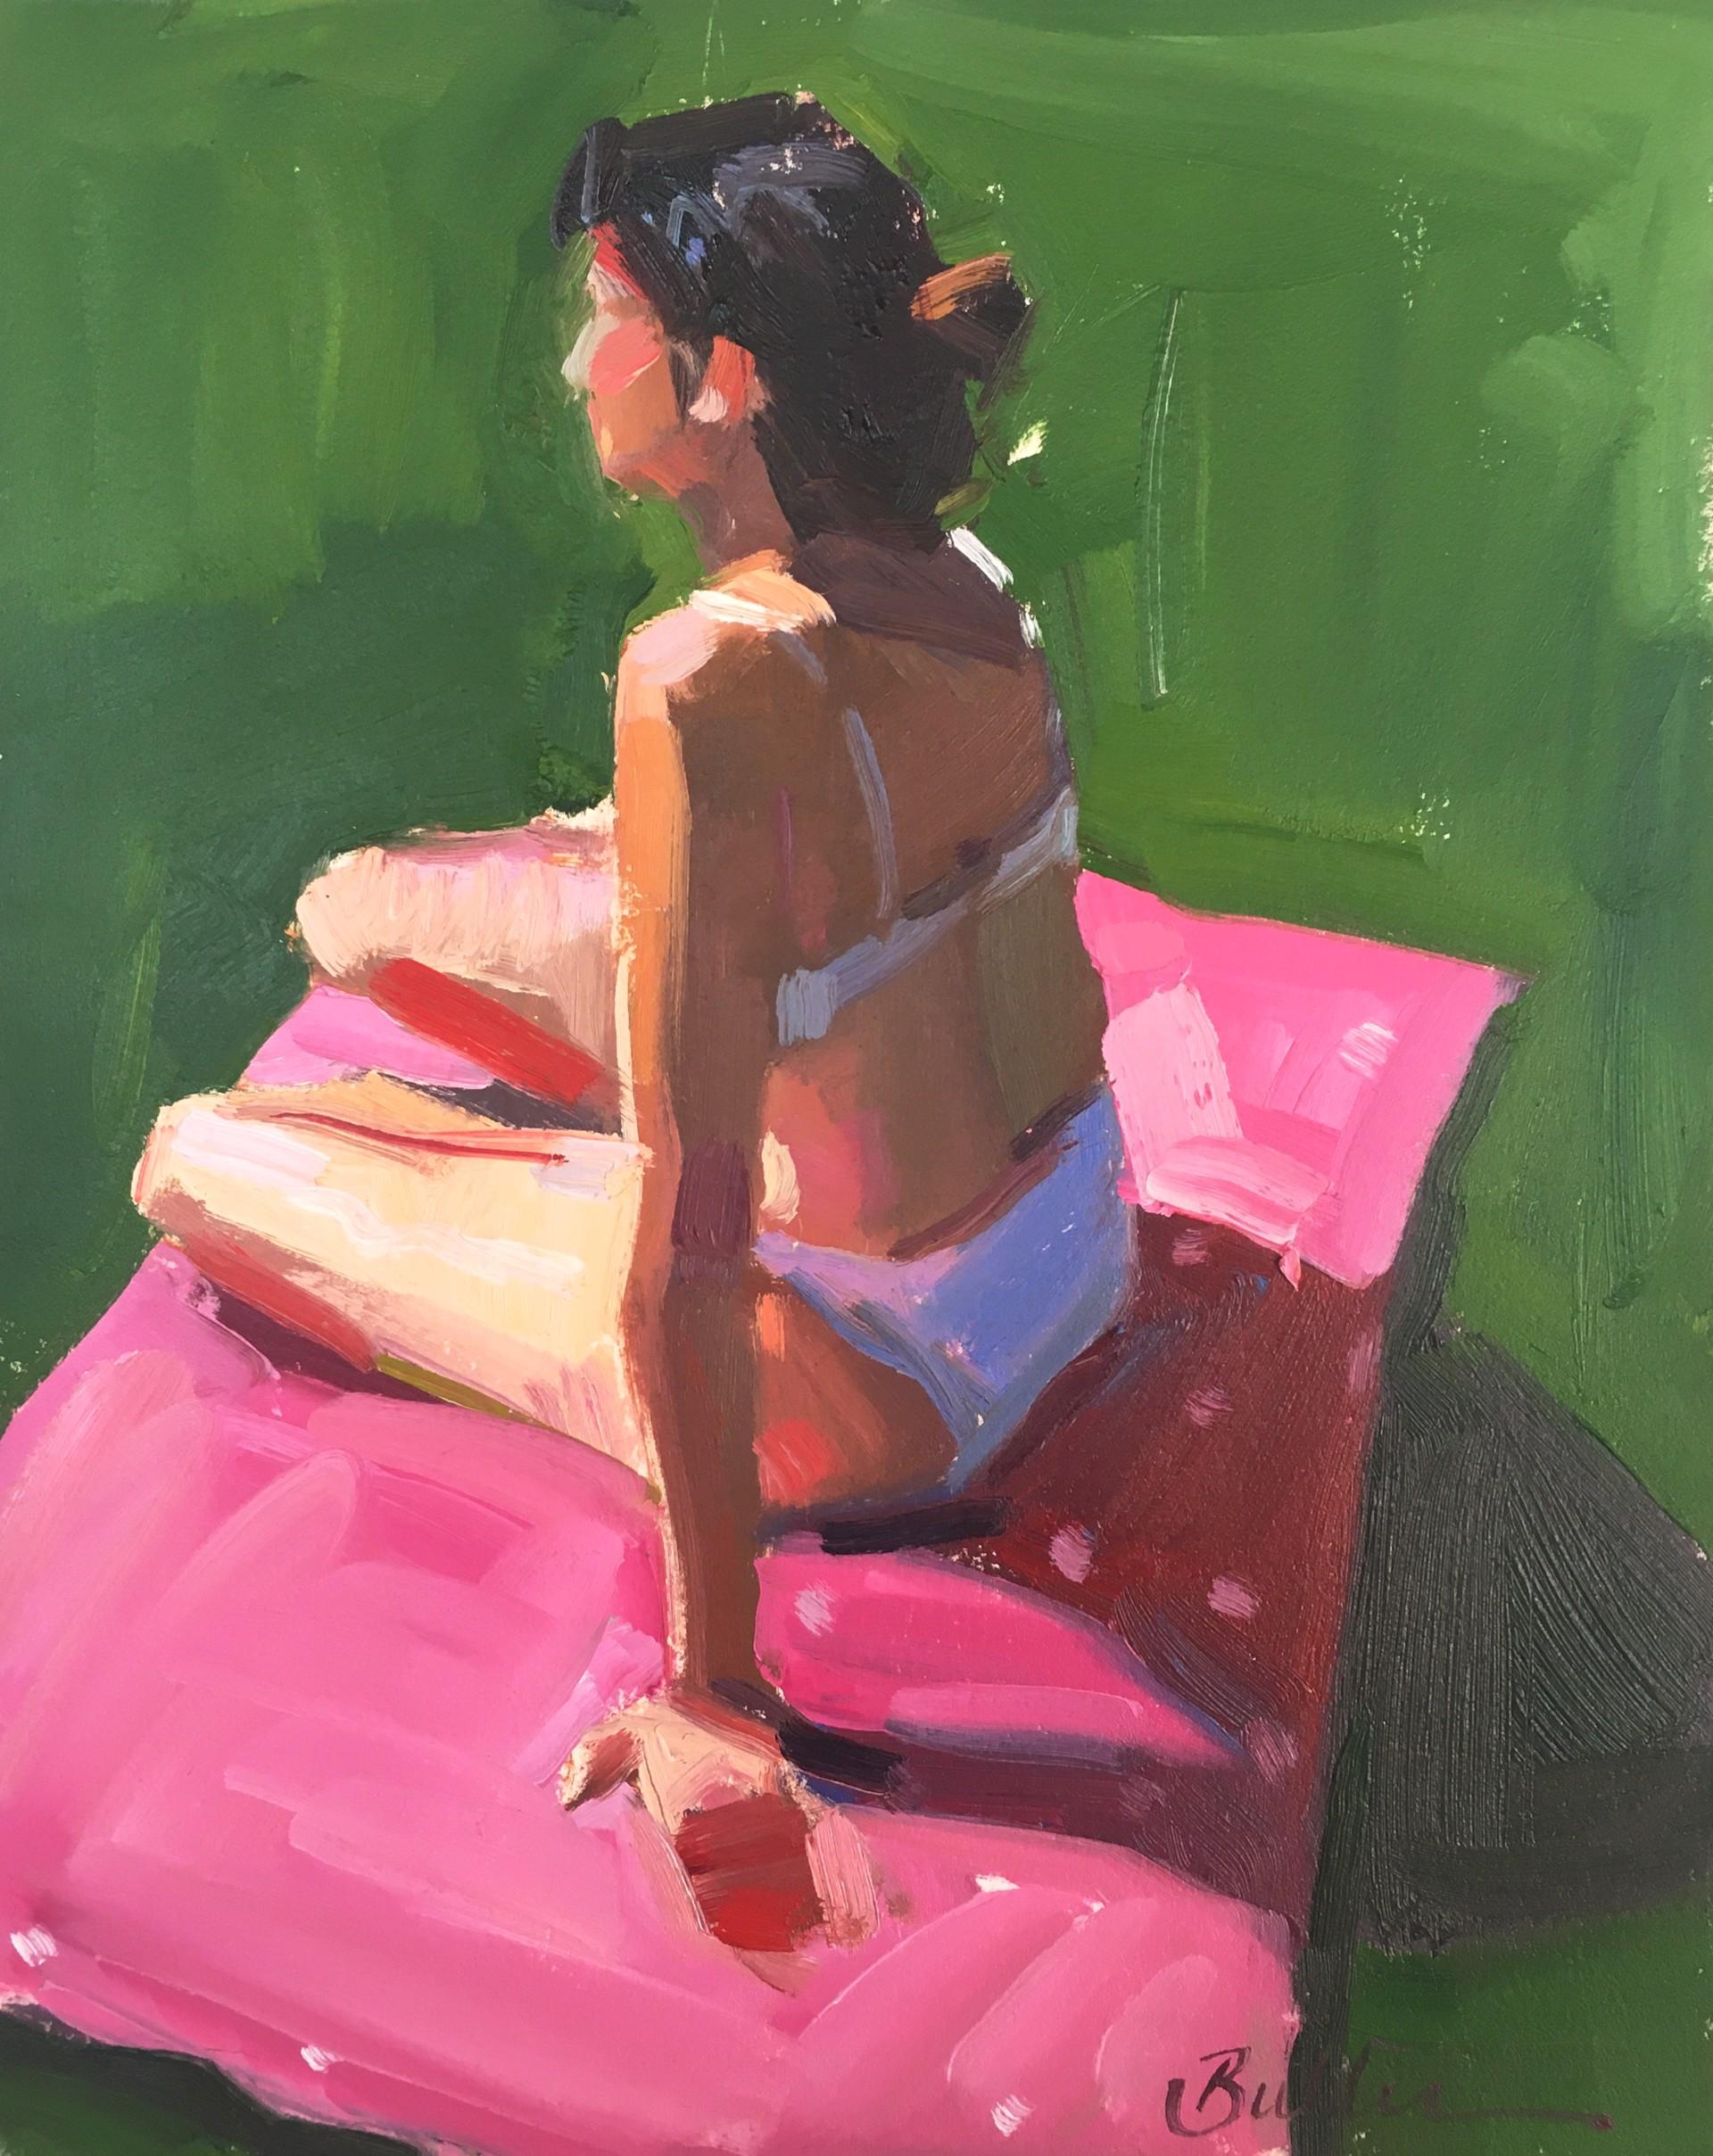 Pink Polka Dot Towel by Samantha Buller